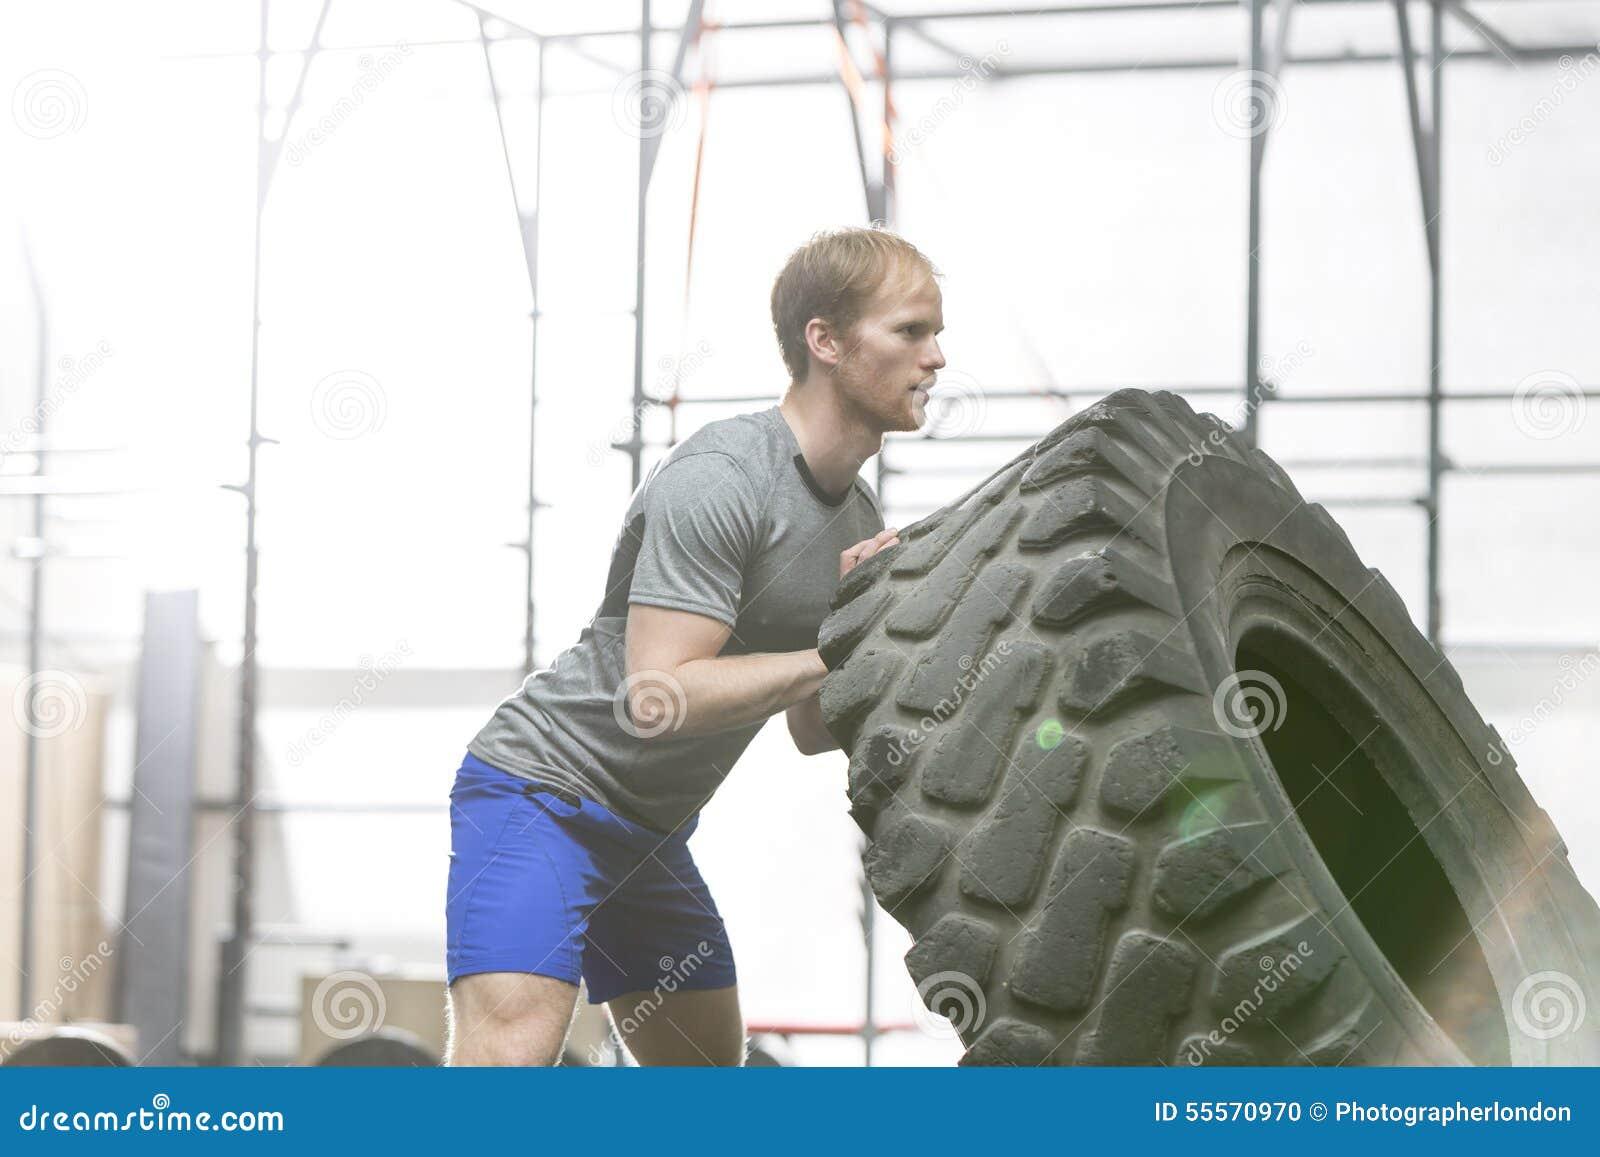 Πλάγια όψη της αφιερωμένης ρόδας κτυπήματος ατόμων στη γυμναστική crossfit